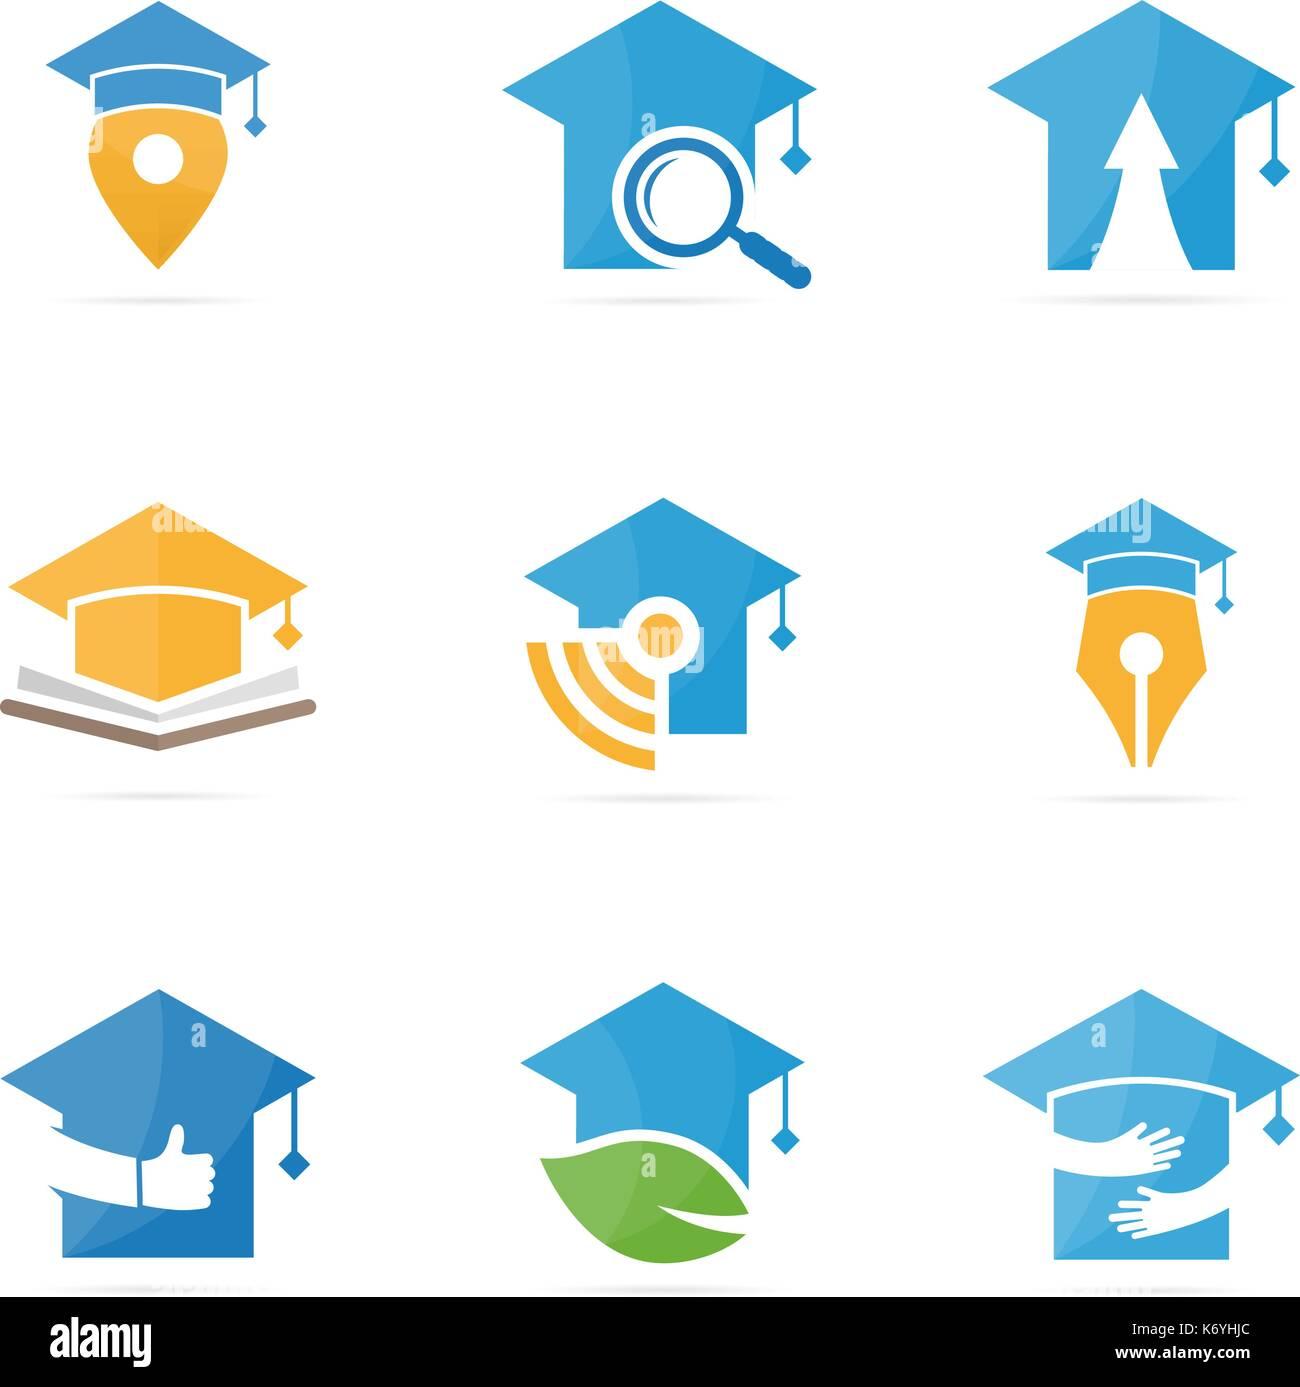 Der Absolvent Hat Logo Kombination Schule Und Hochschule Symbol Oder Icon Einzigartige Studie Bildung Design Template